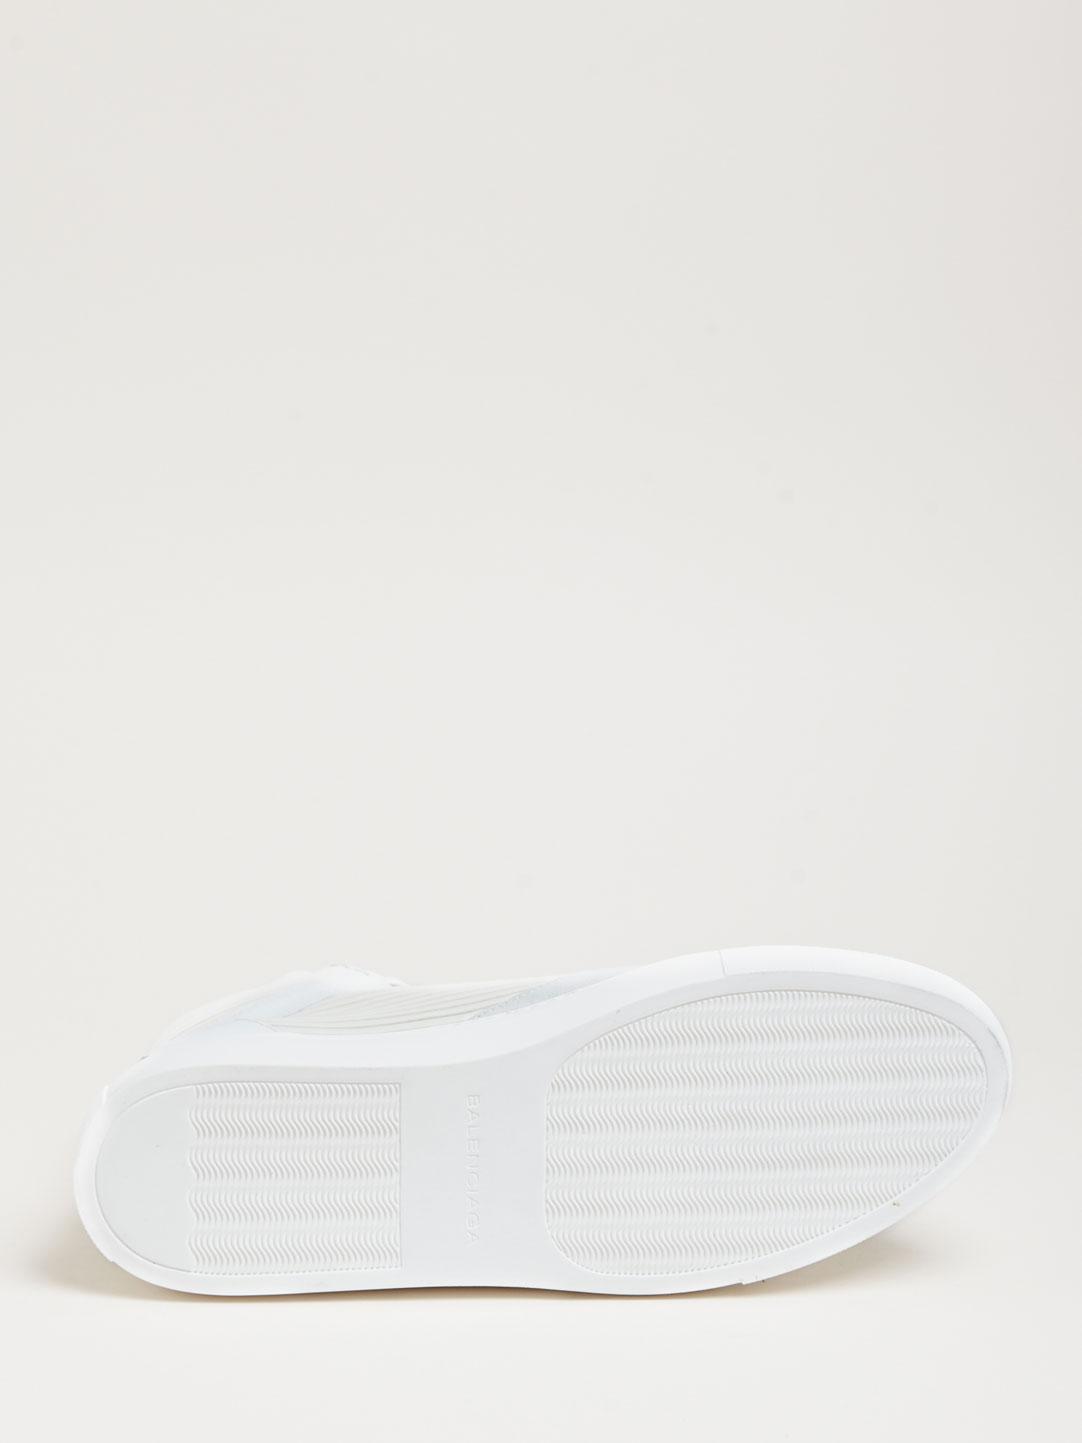 Balenciaga Hi-Top White Sneakers 5